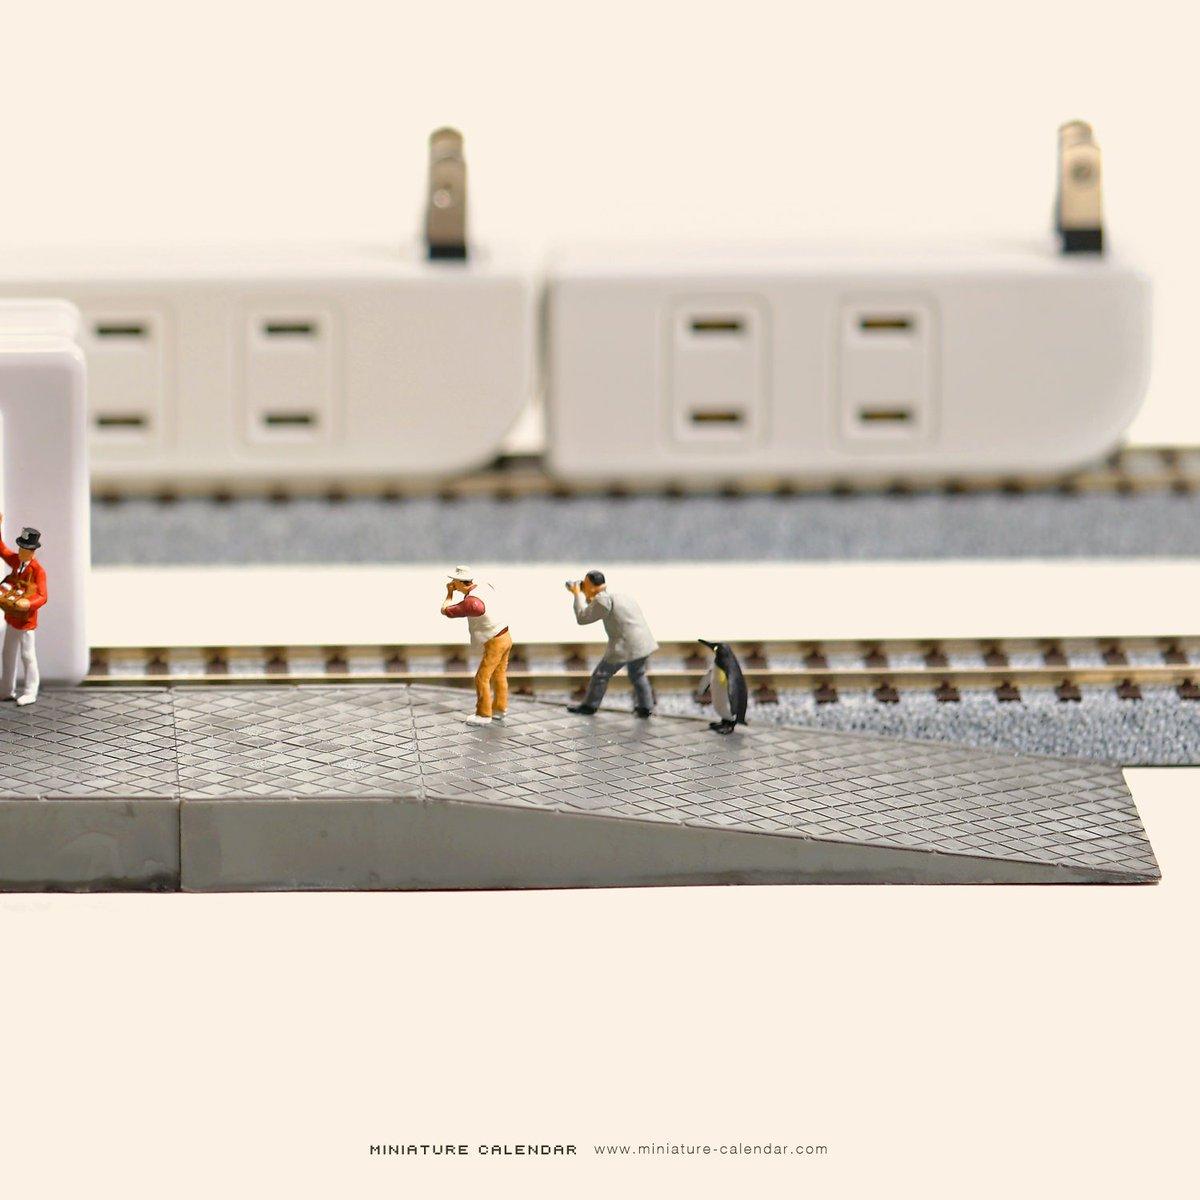 電車でゴー!ルデンウィーク。 今日からゴー!月です。   #コンセント #電車